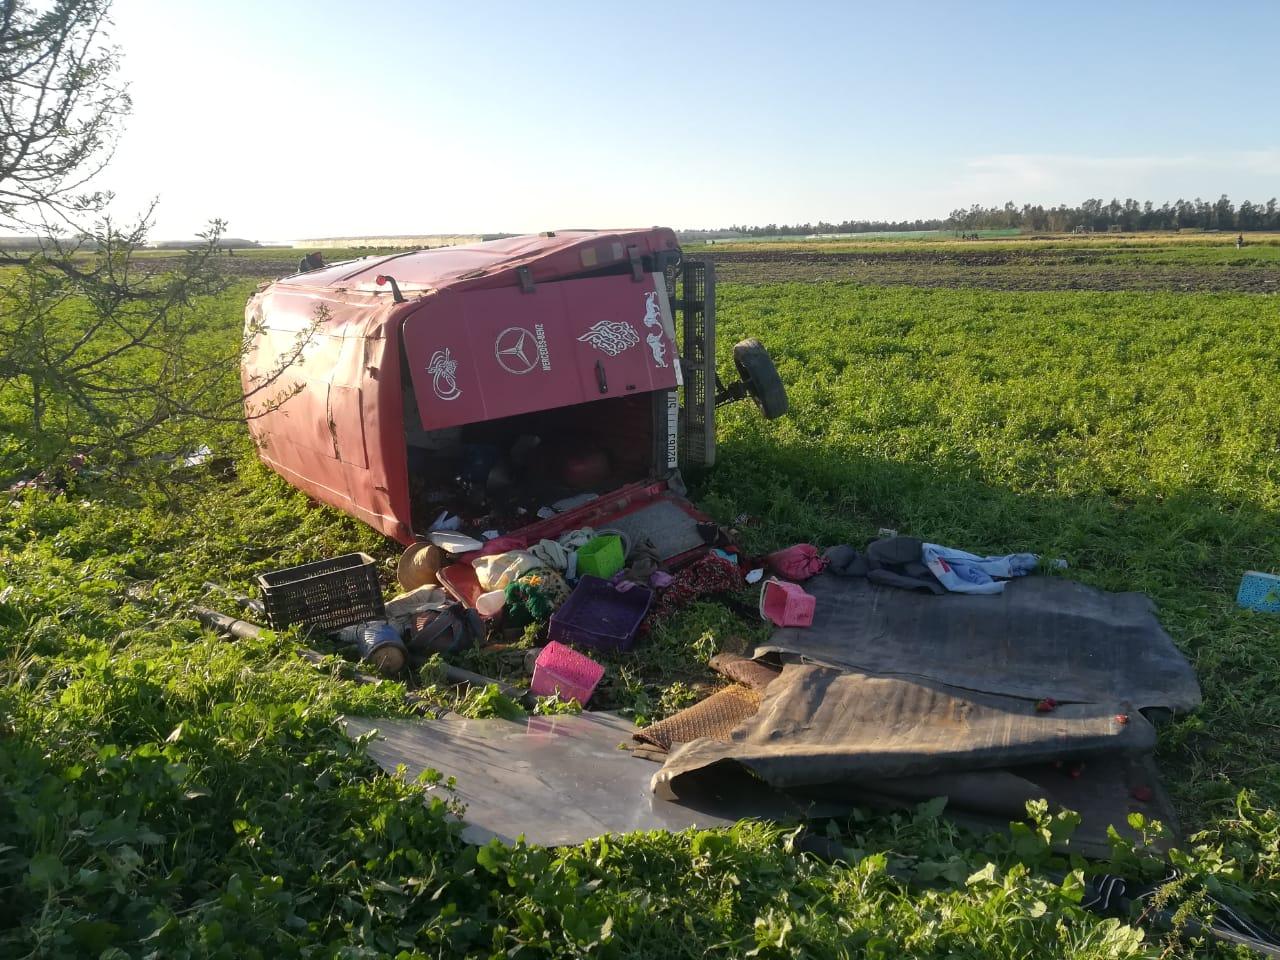 جرح 6 عمال زراعيين في حادث انقلاب سيارتهم ضواحي القنيطرة